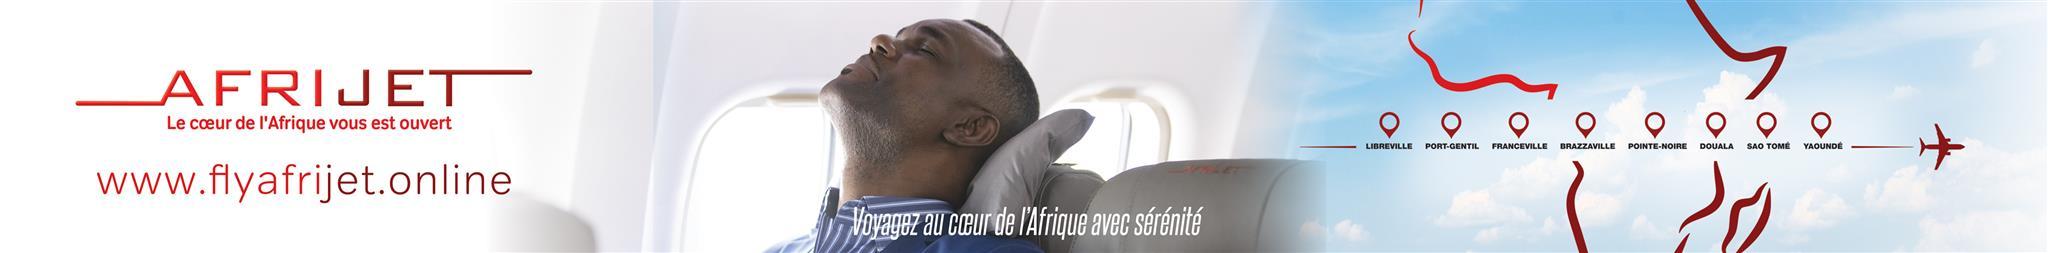 Bannie¦Çre-Afrijet-728x90